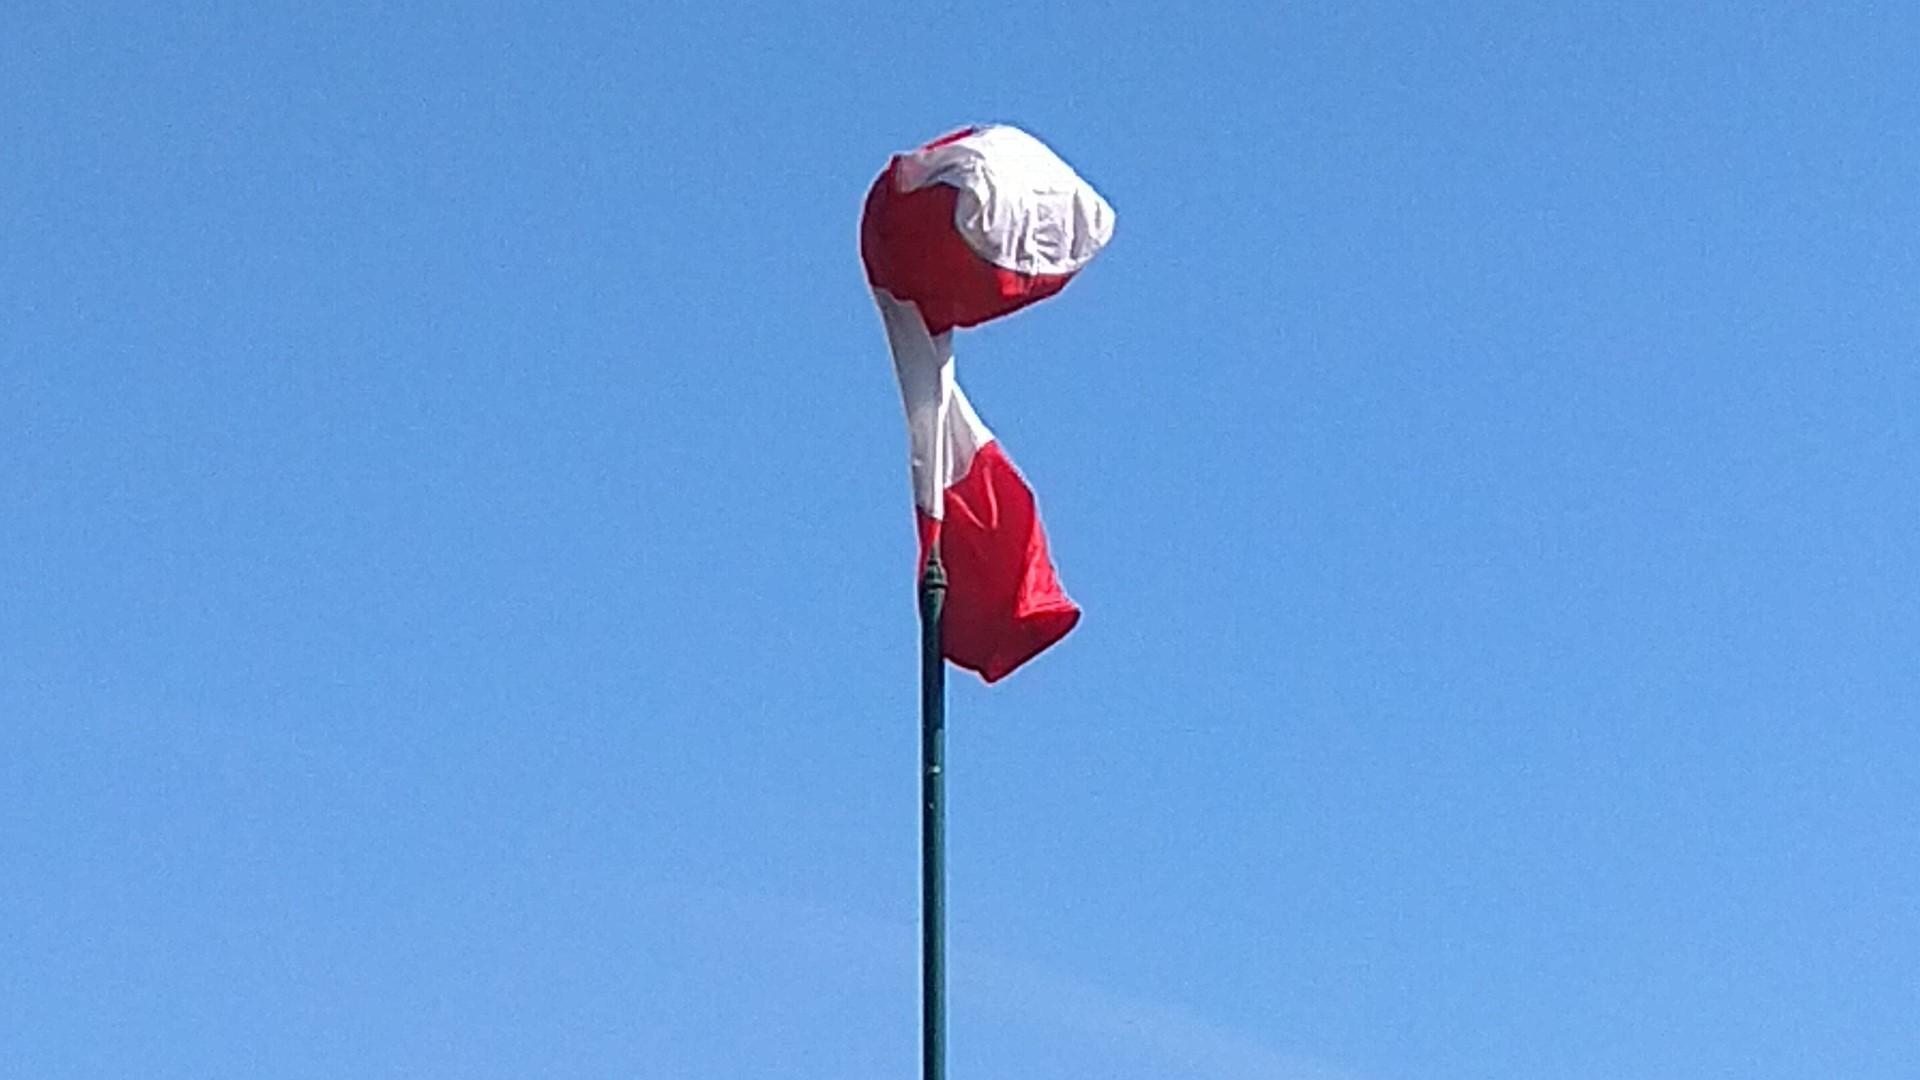 Unser etwas planloser Windsack